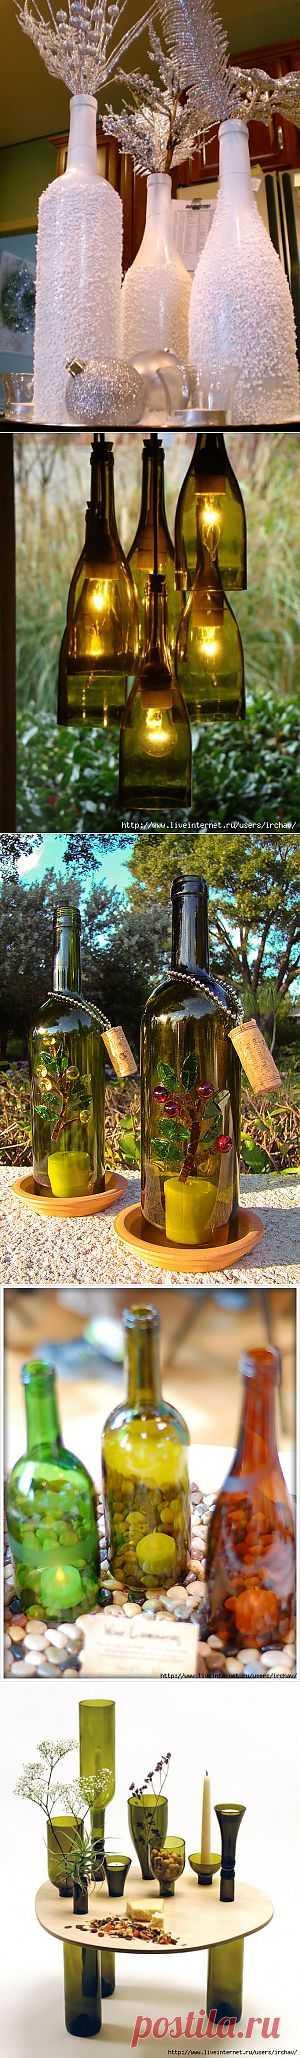 Один из наиболее популярных вариантов «переделки» - превращение винной бутылки